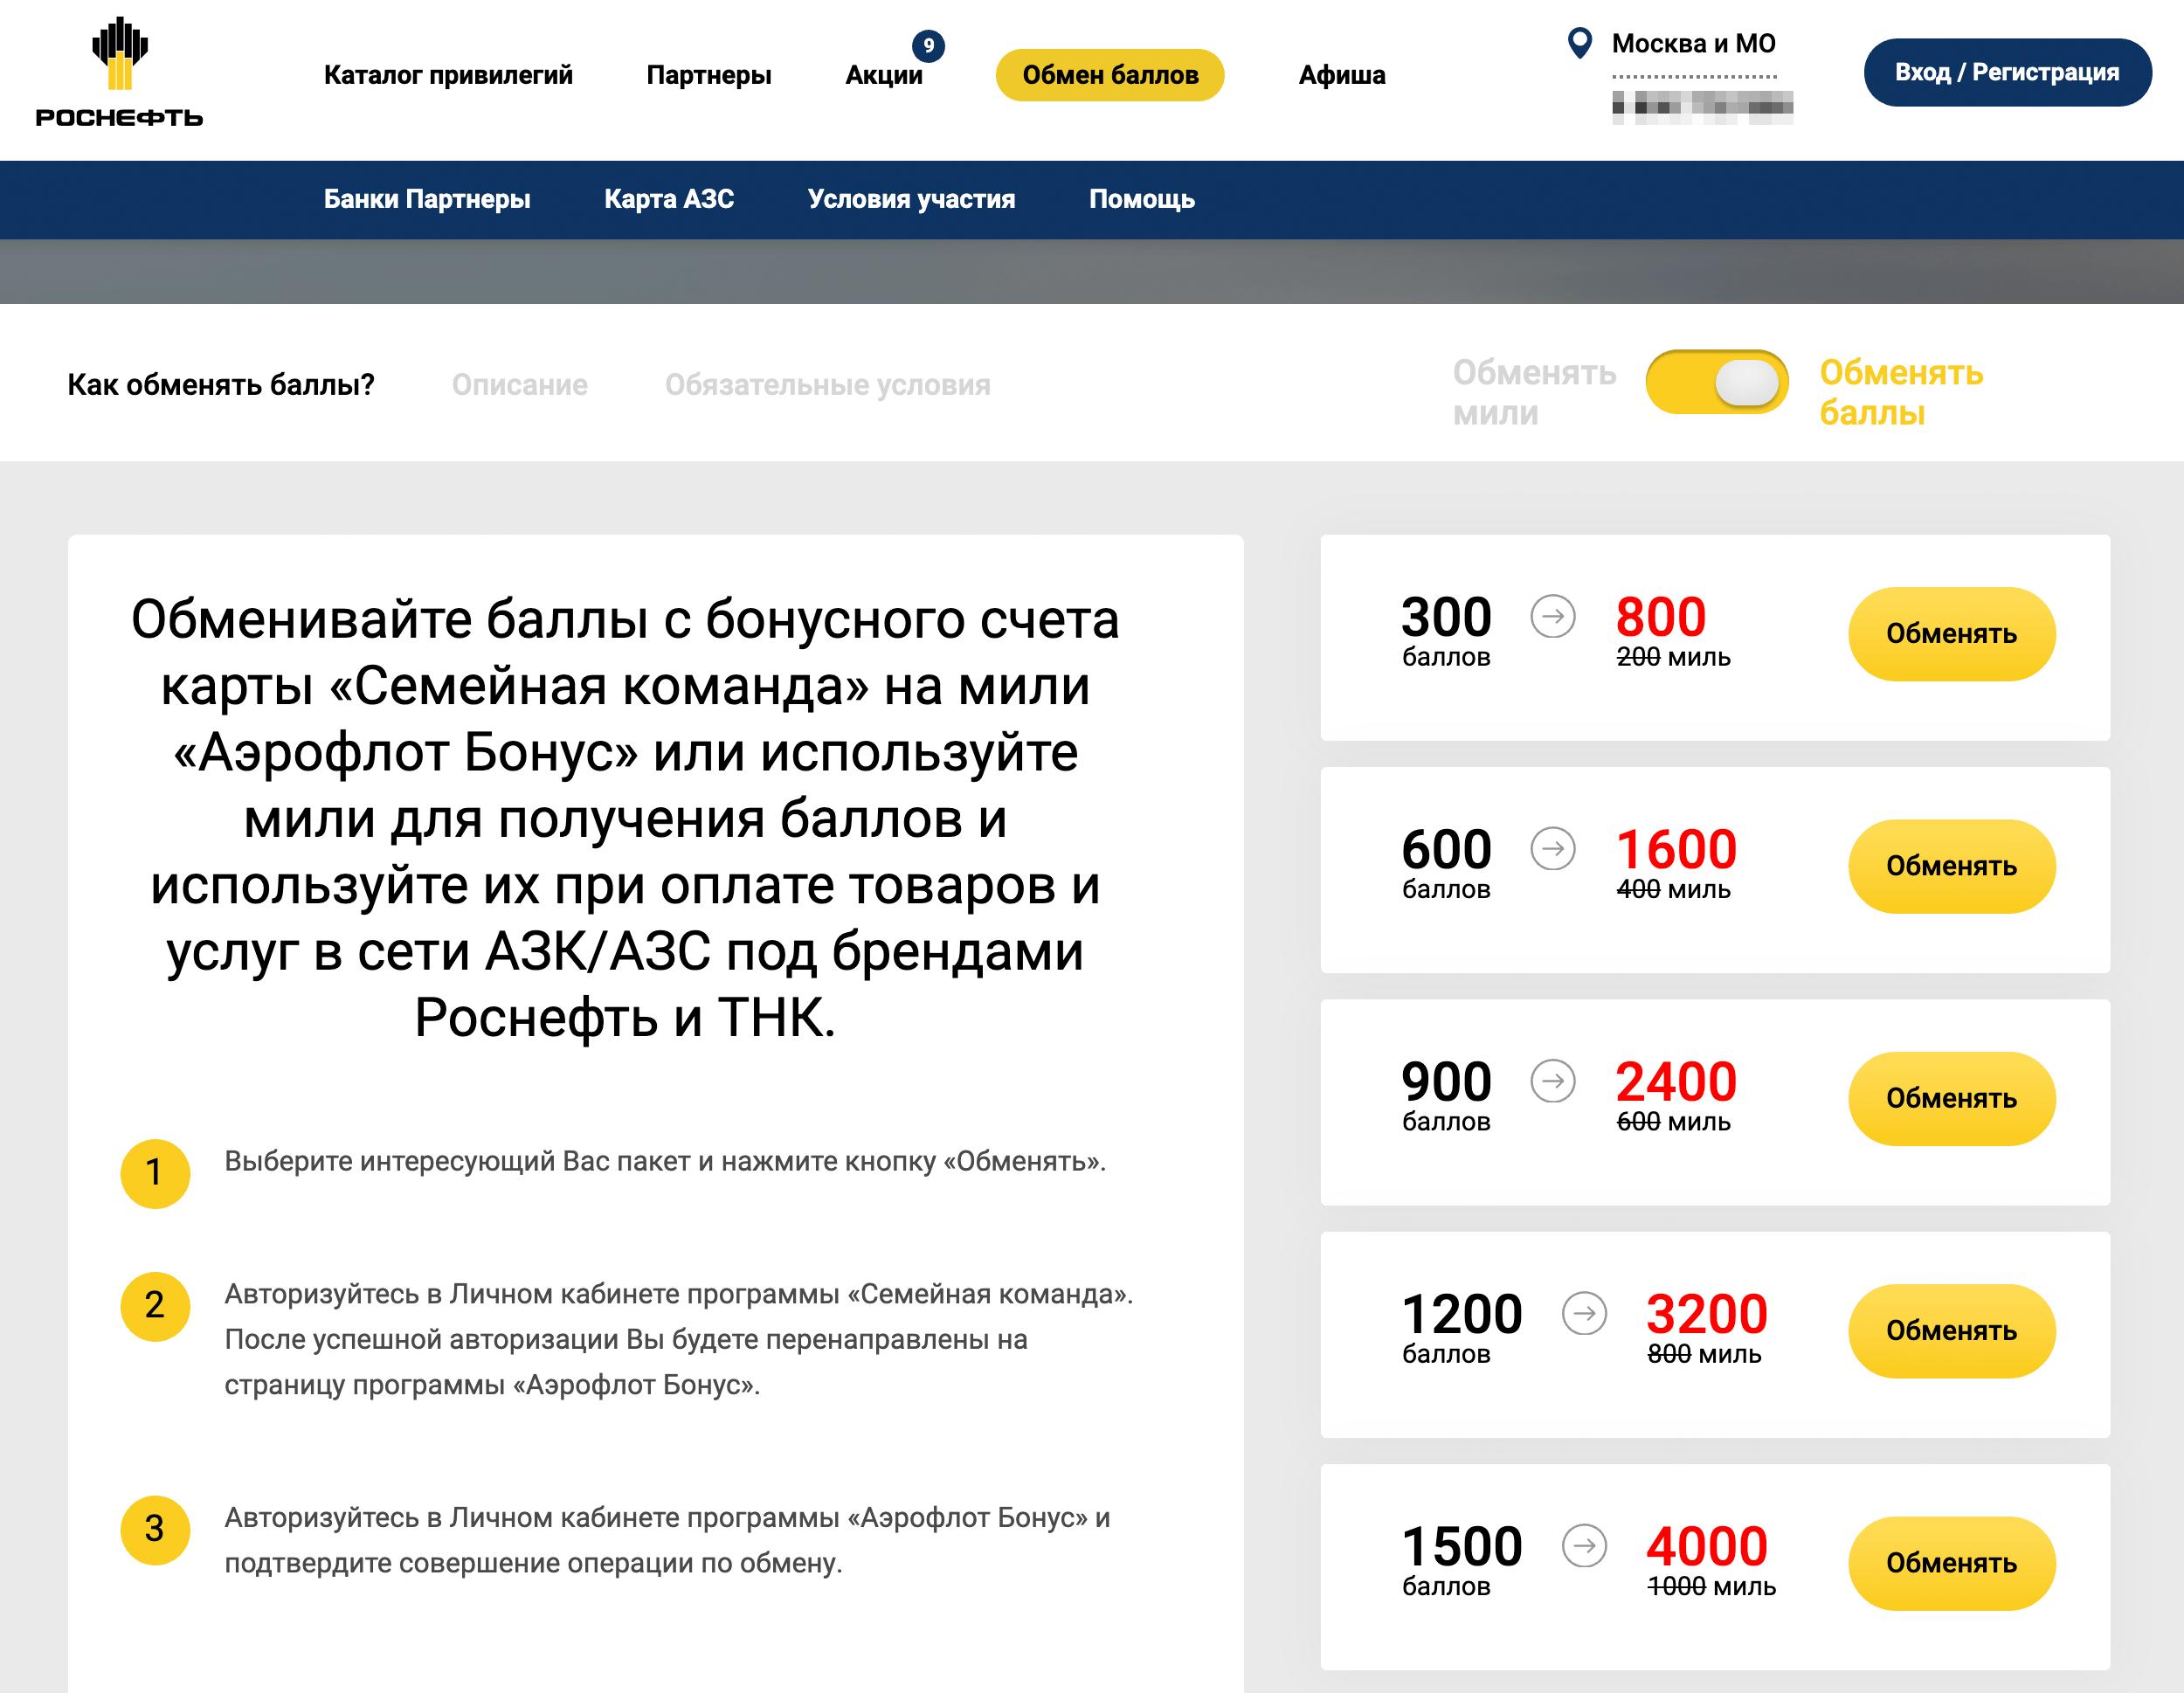 Бонусные баллы можно обменять на мили «Аэрофлот-бонус». 300баллов меняют на 800миль